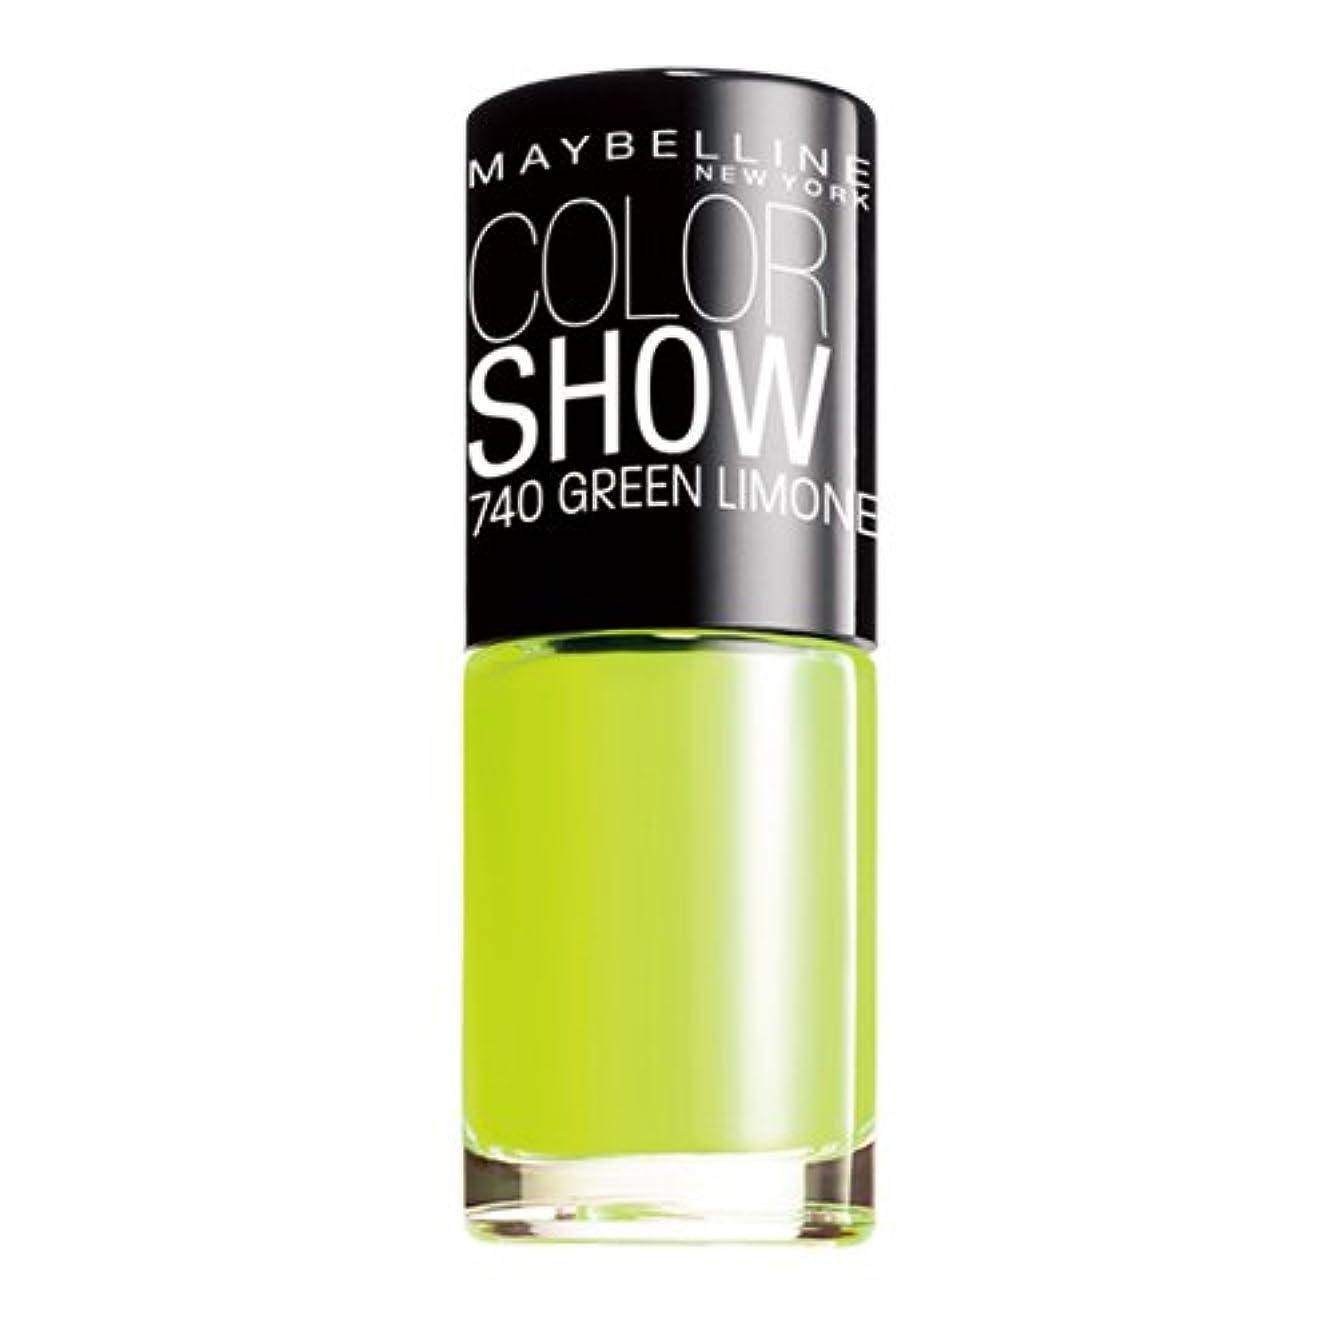 序文で出来ている第二メイベリン カラー ショー ネイル B 740 グリーン リモーネ